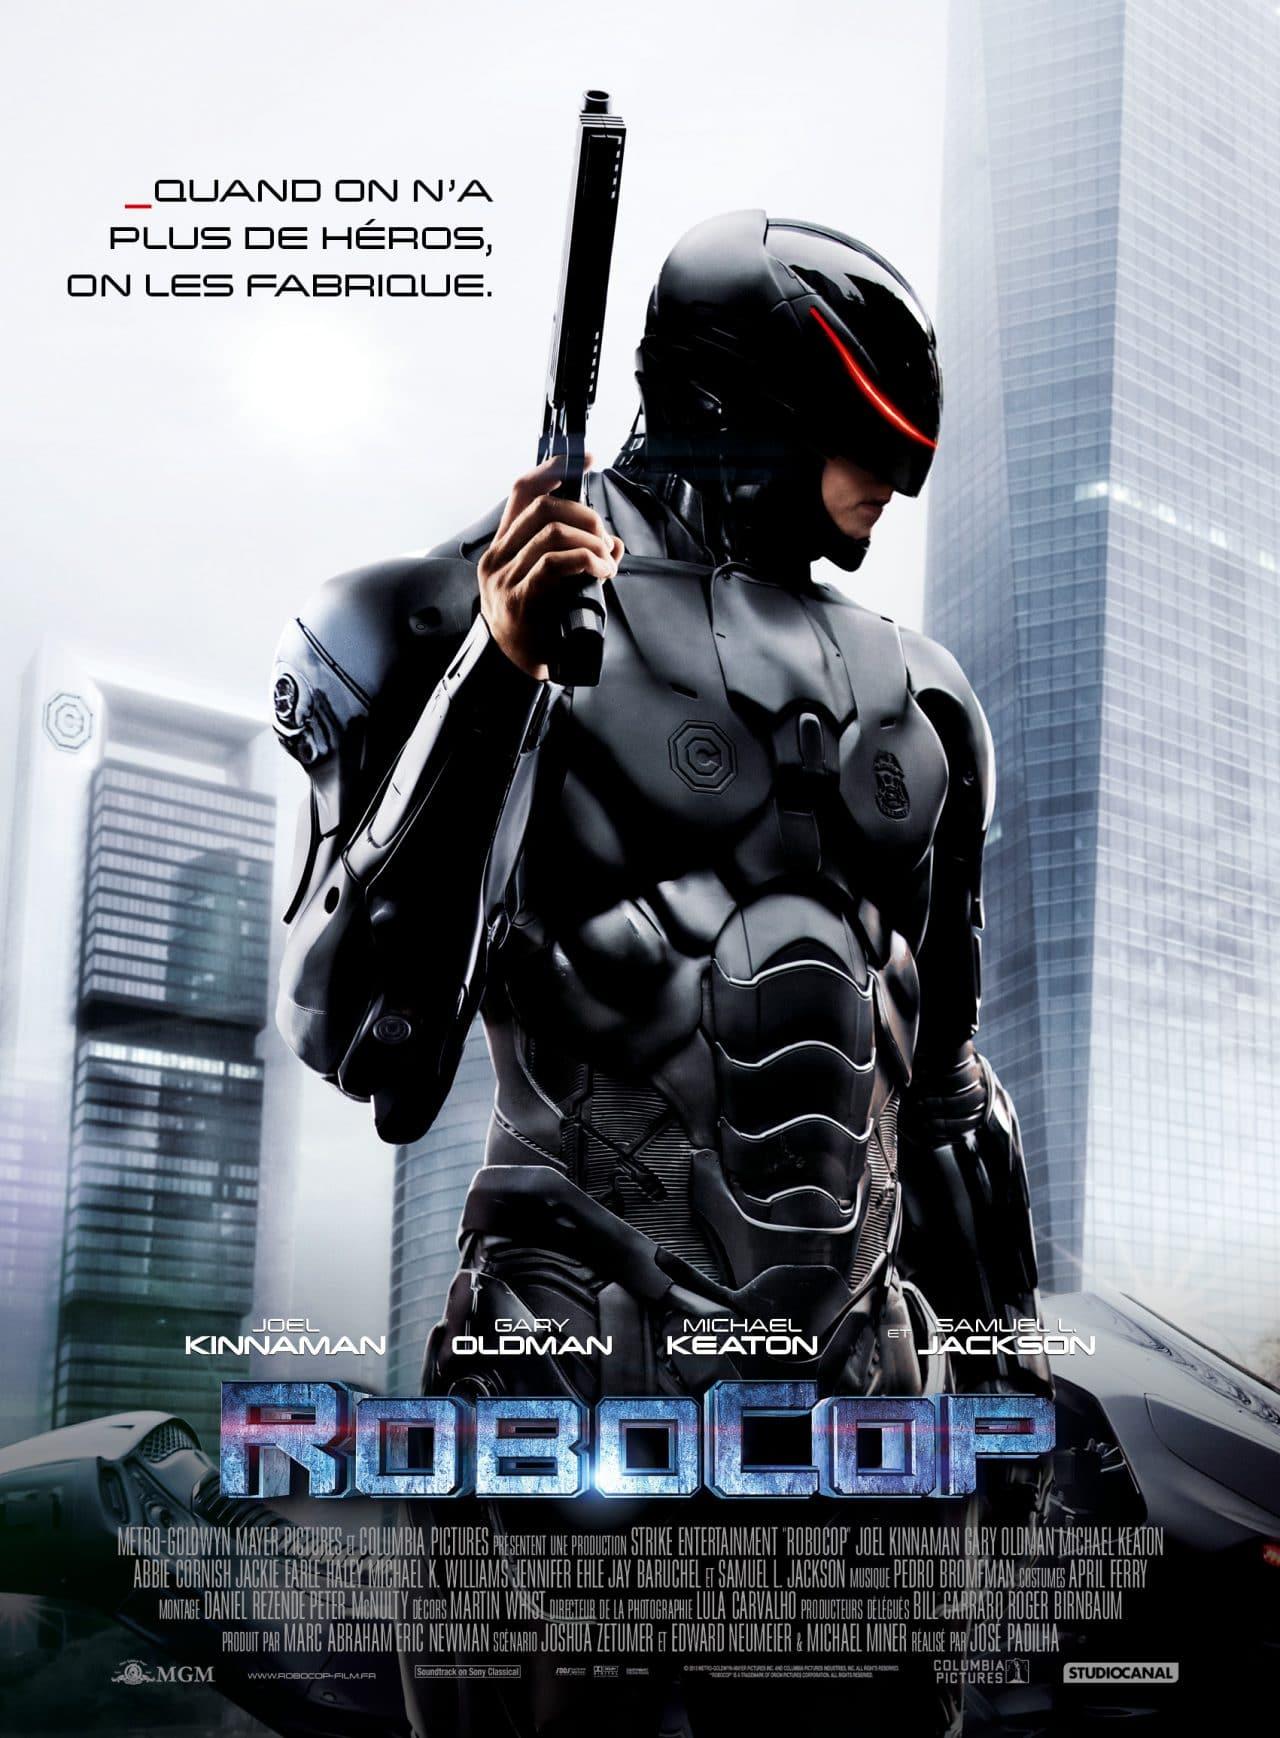 http://oblikon.net/wp-content/uploads/Robocop-afficheFR.jpeg